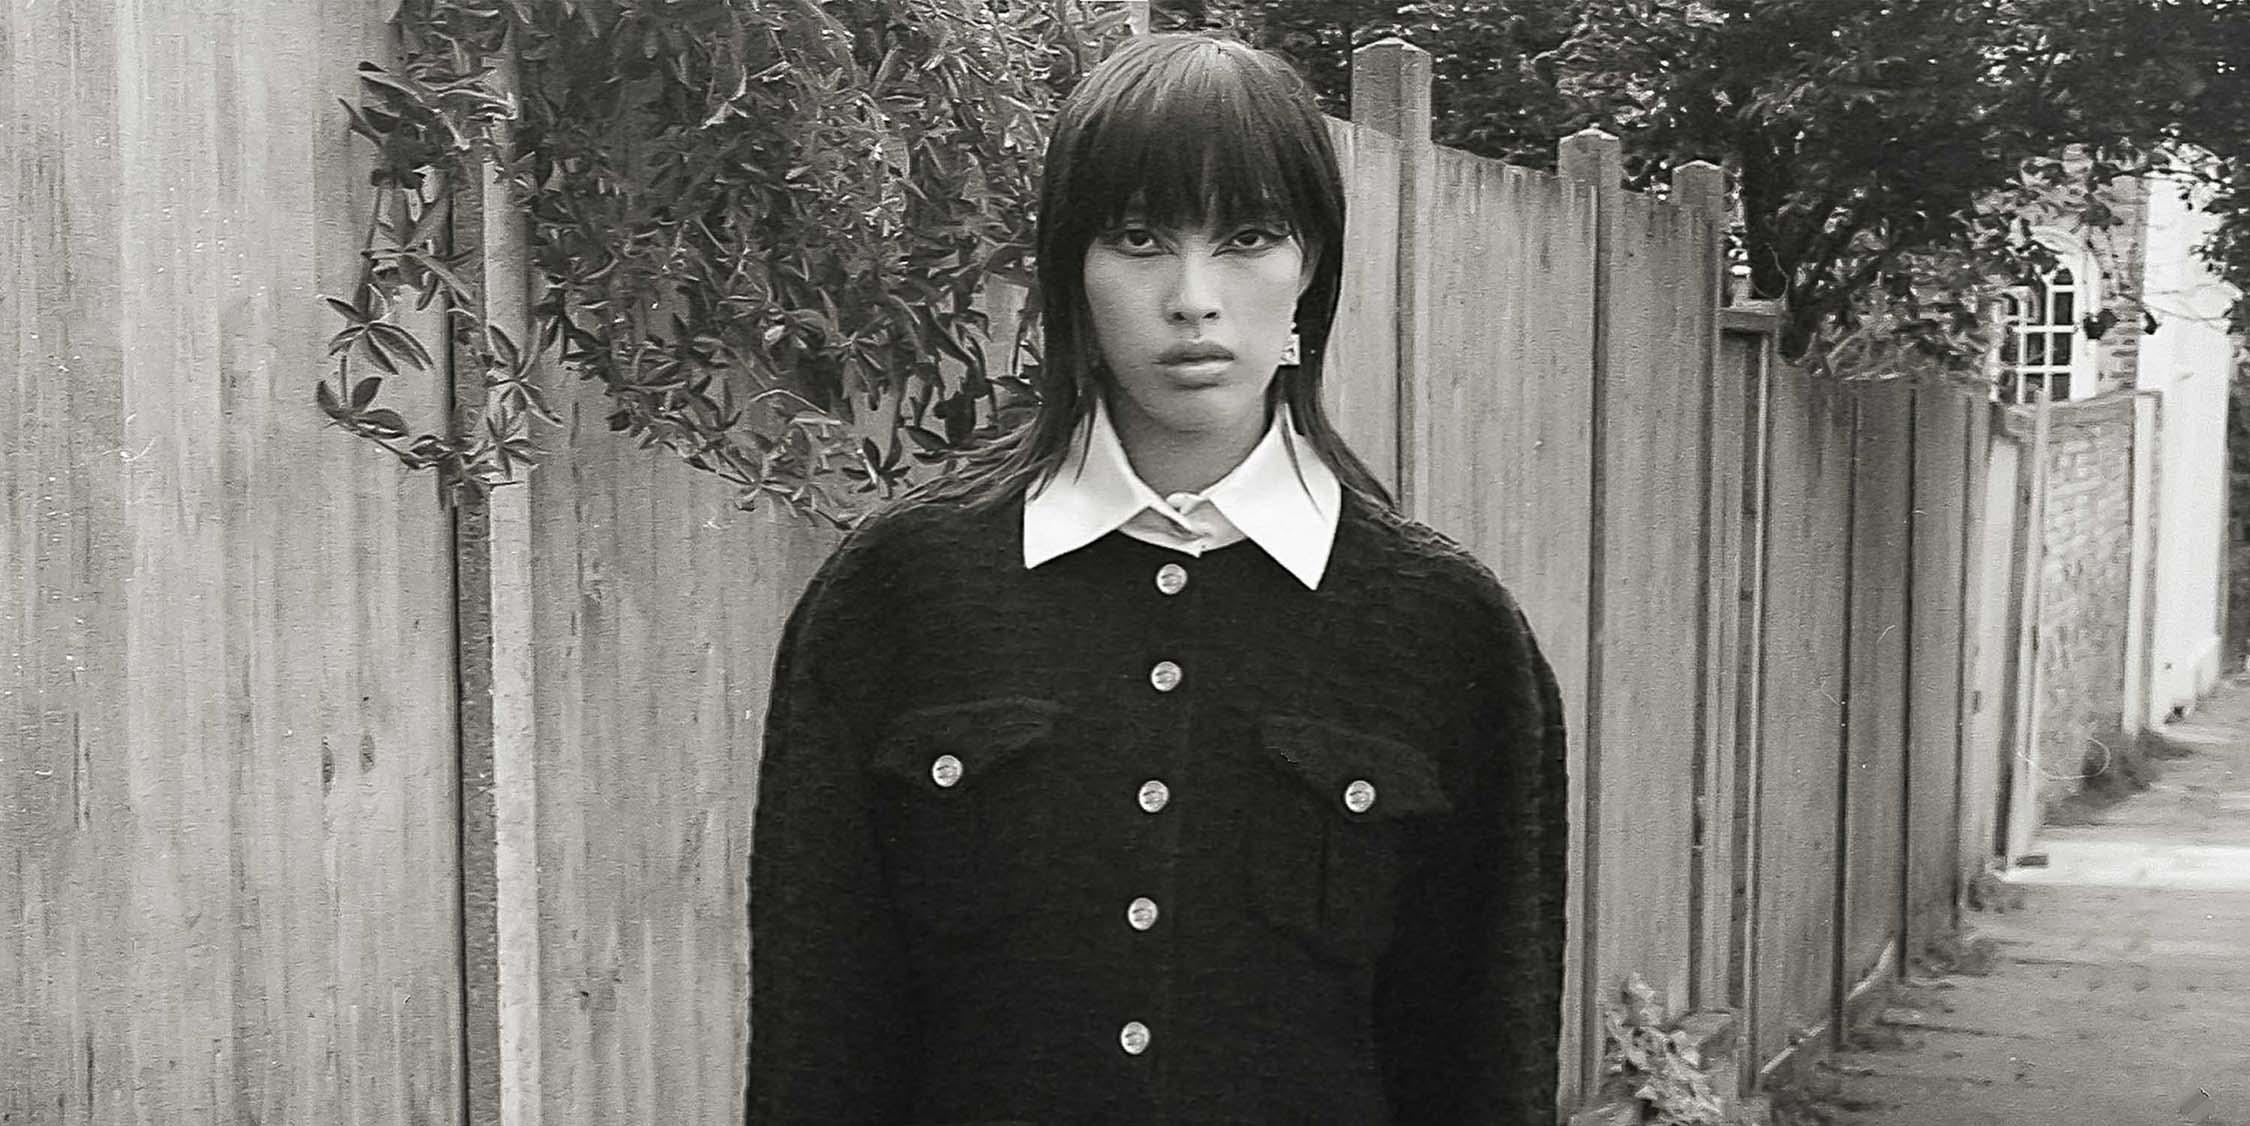 Axel Swan Maldini's fashion portfolio explores the contradictions of confinement